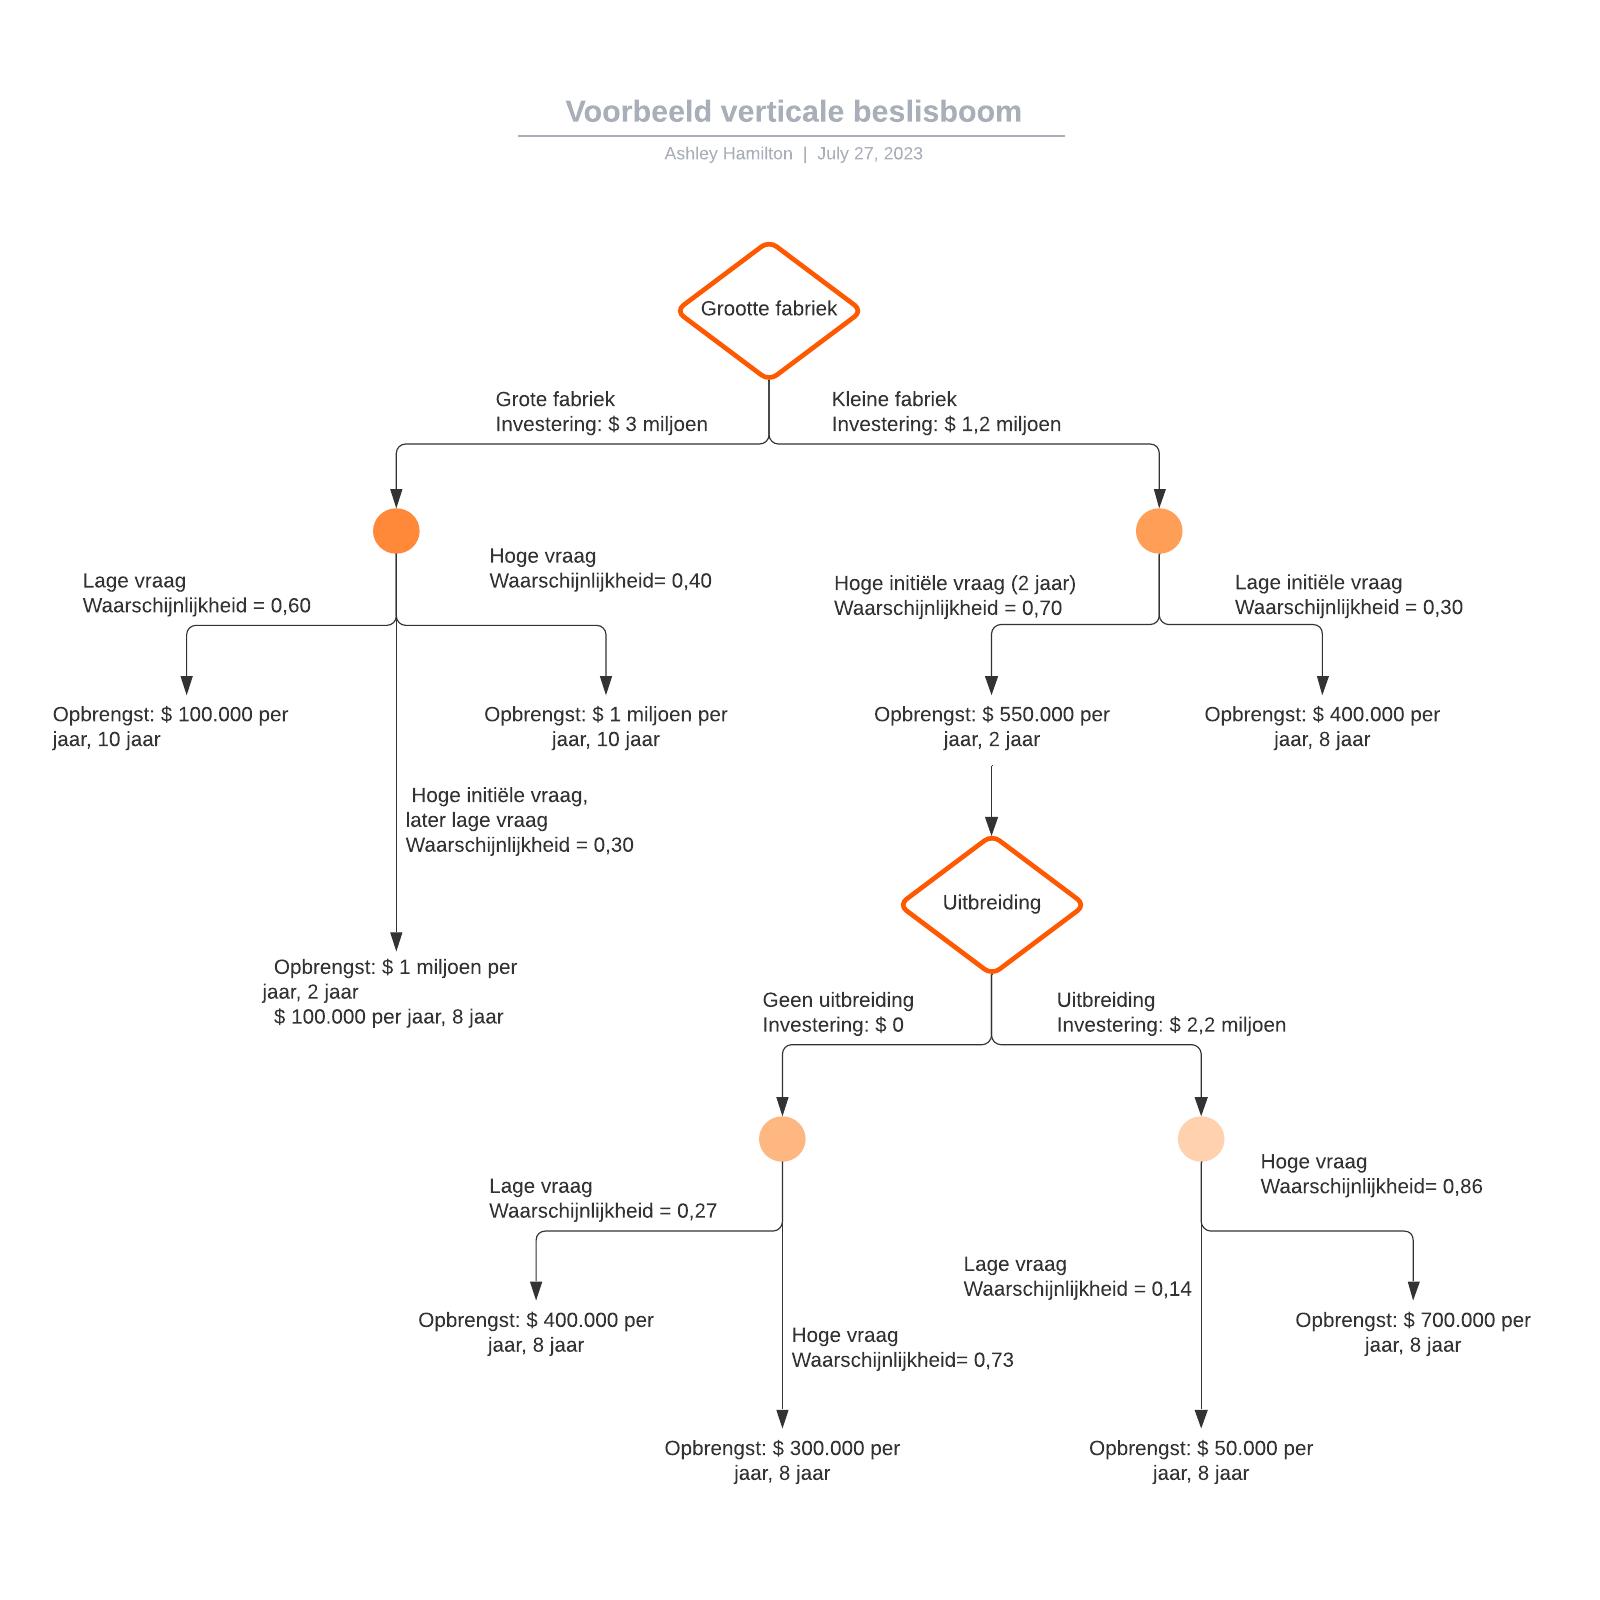 Voorbeeld verticale beslisboom